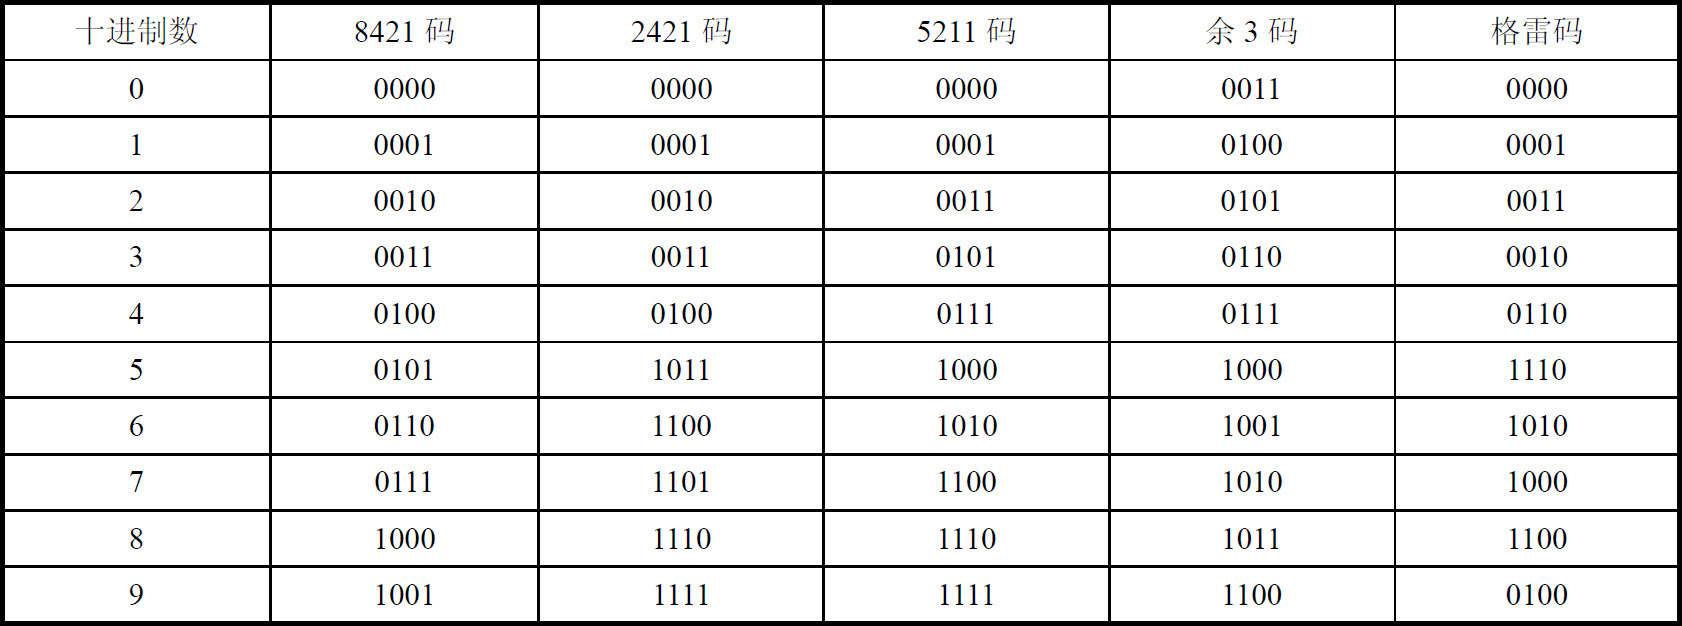 数值数据在计算机中的表示方法